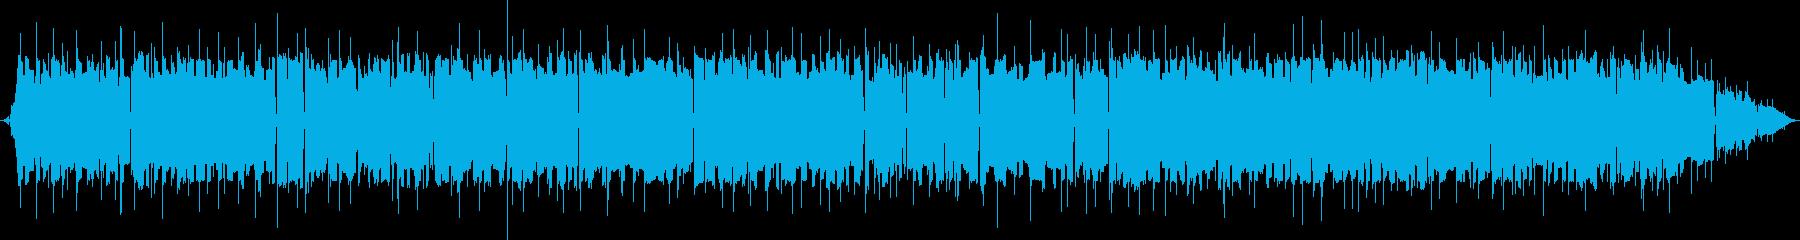 【ゲーム】コンピュータ データ音の再生済みの波形